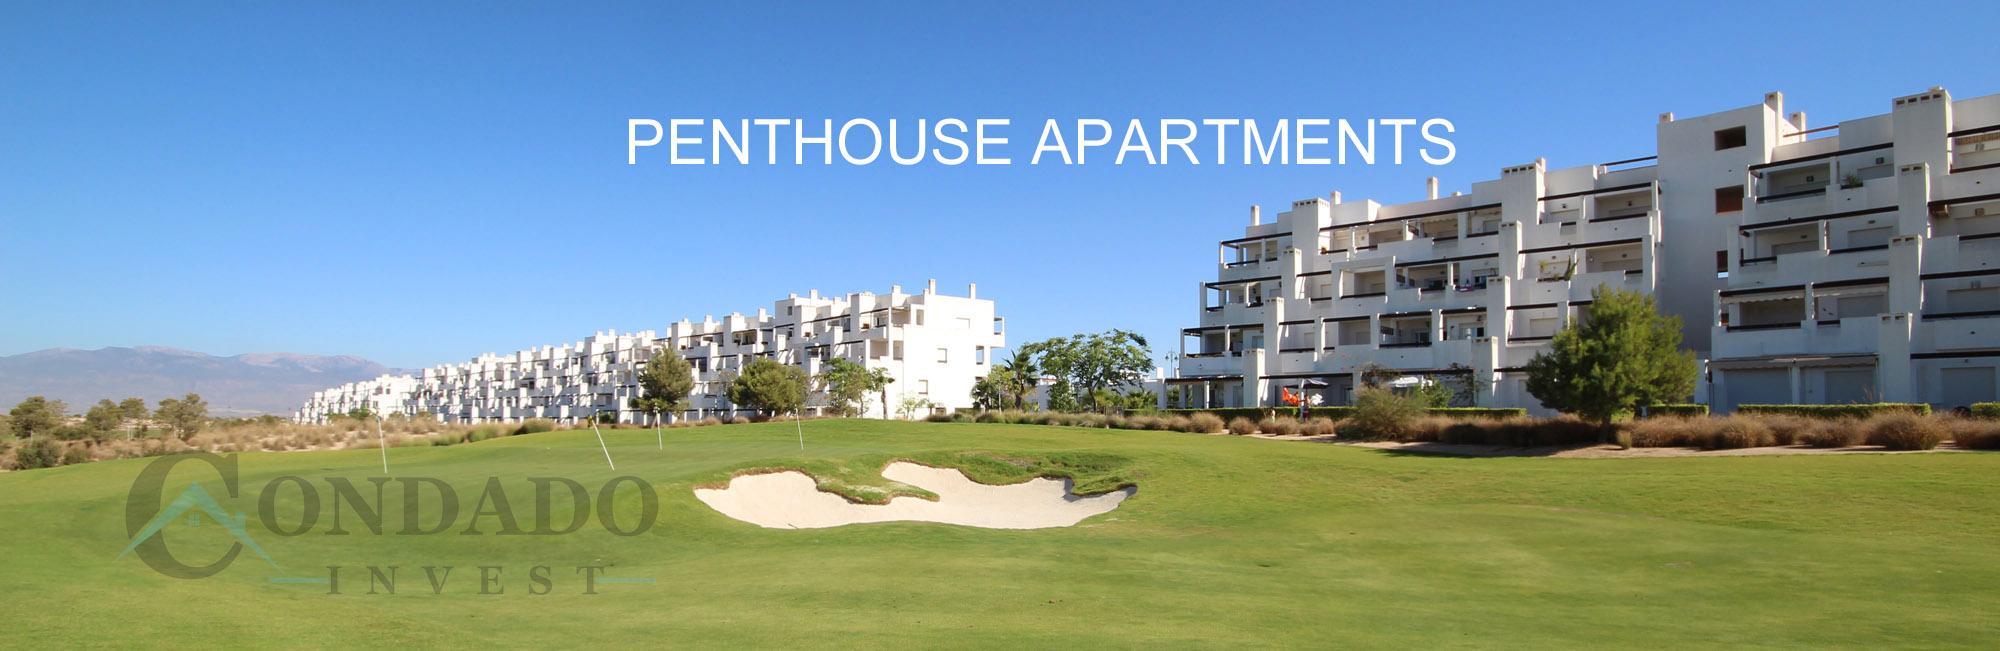 condado-de-alhama-penthouse-header-2000px-2